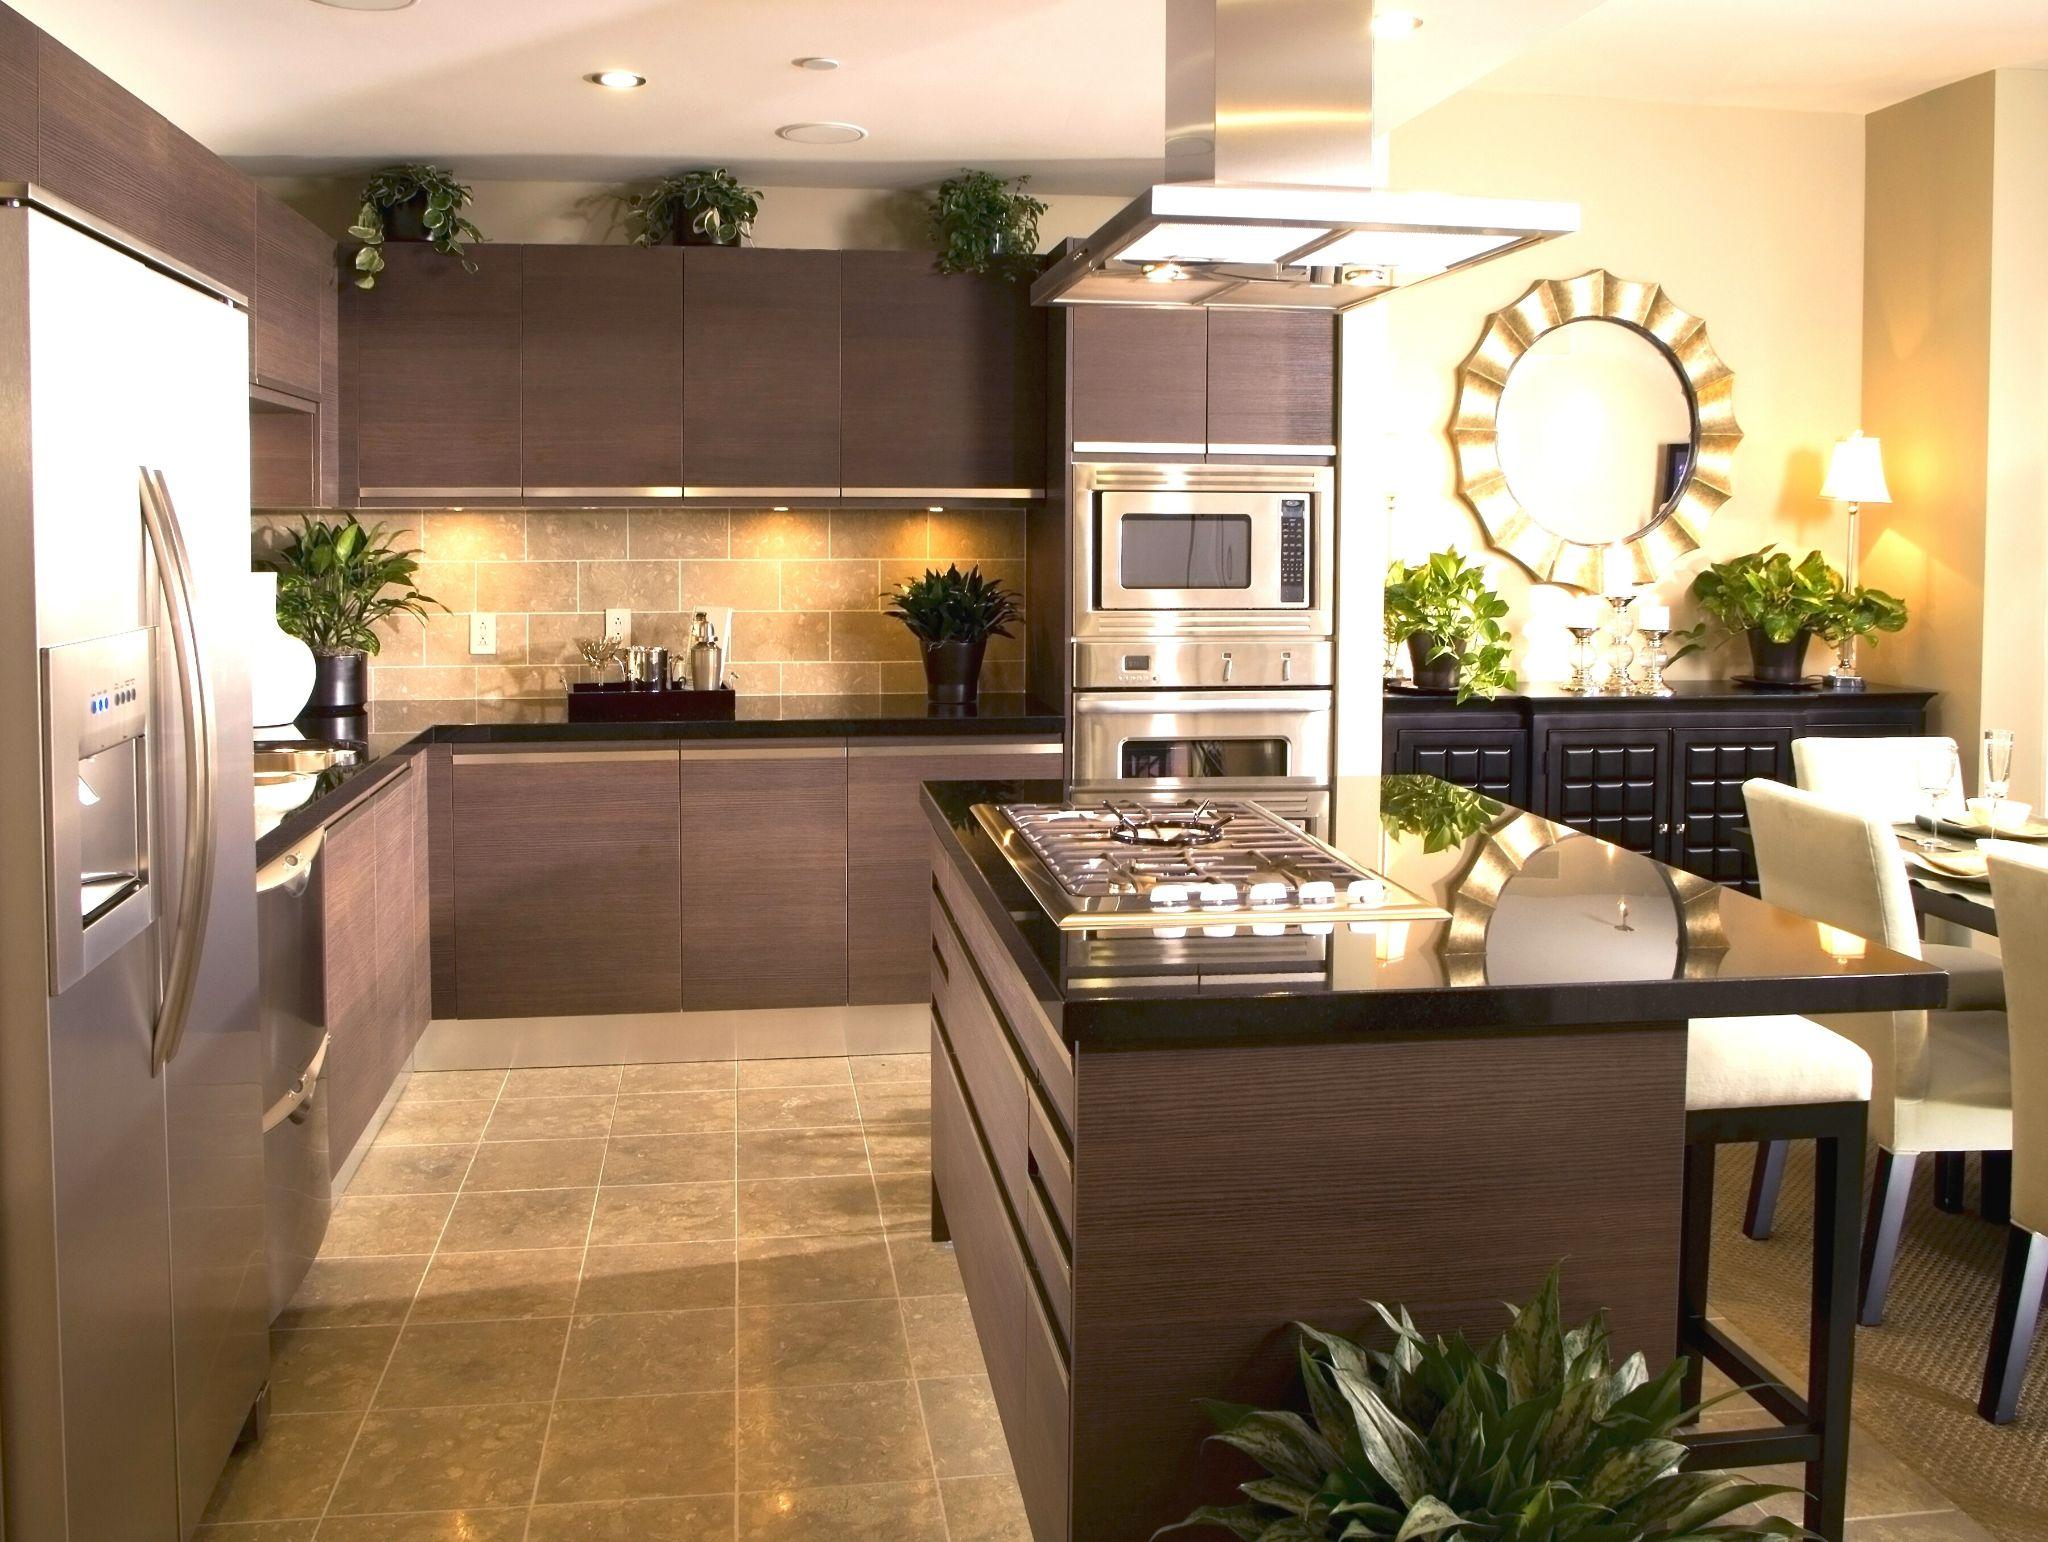 Textured kitchen floor idea